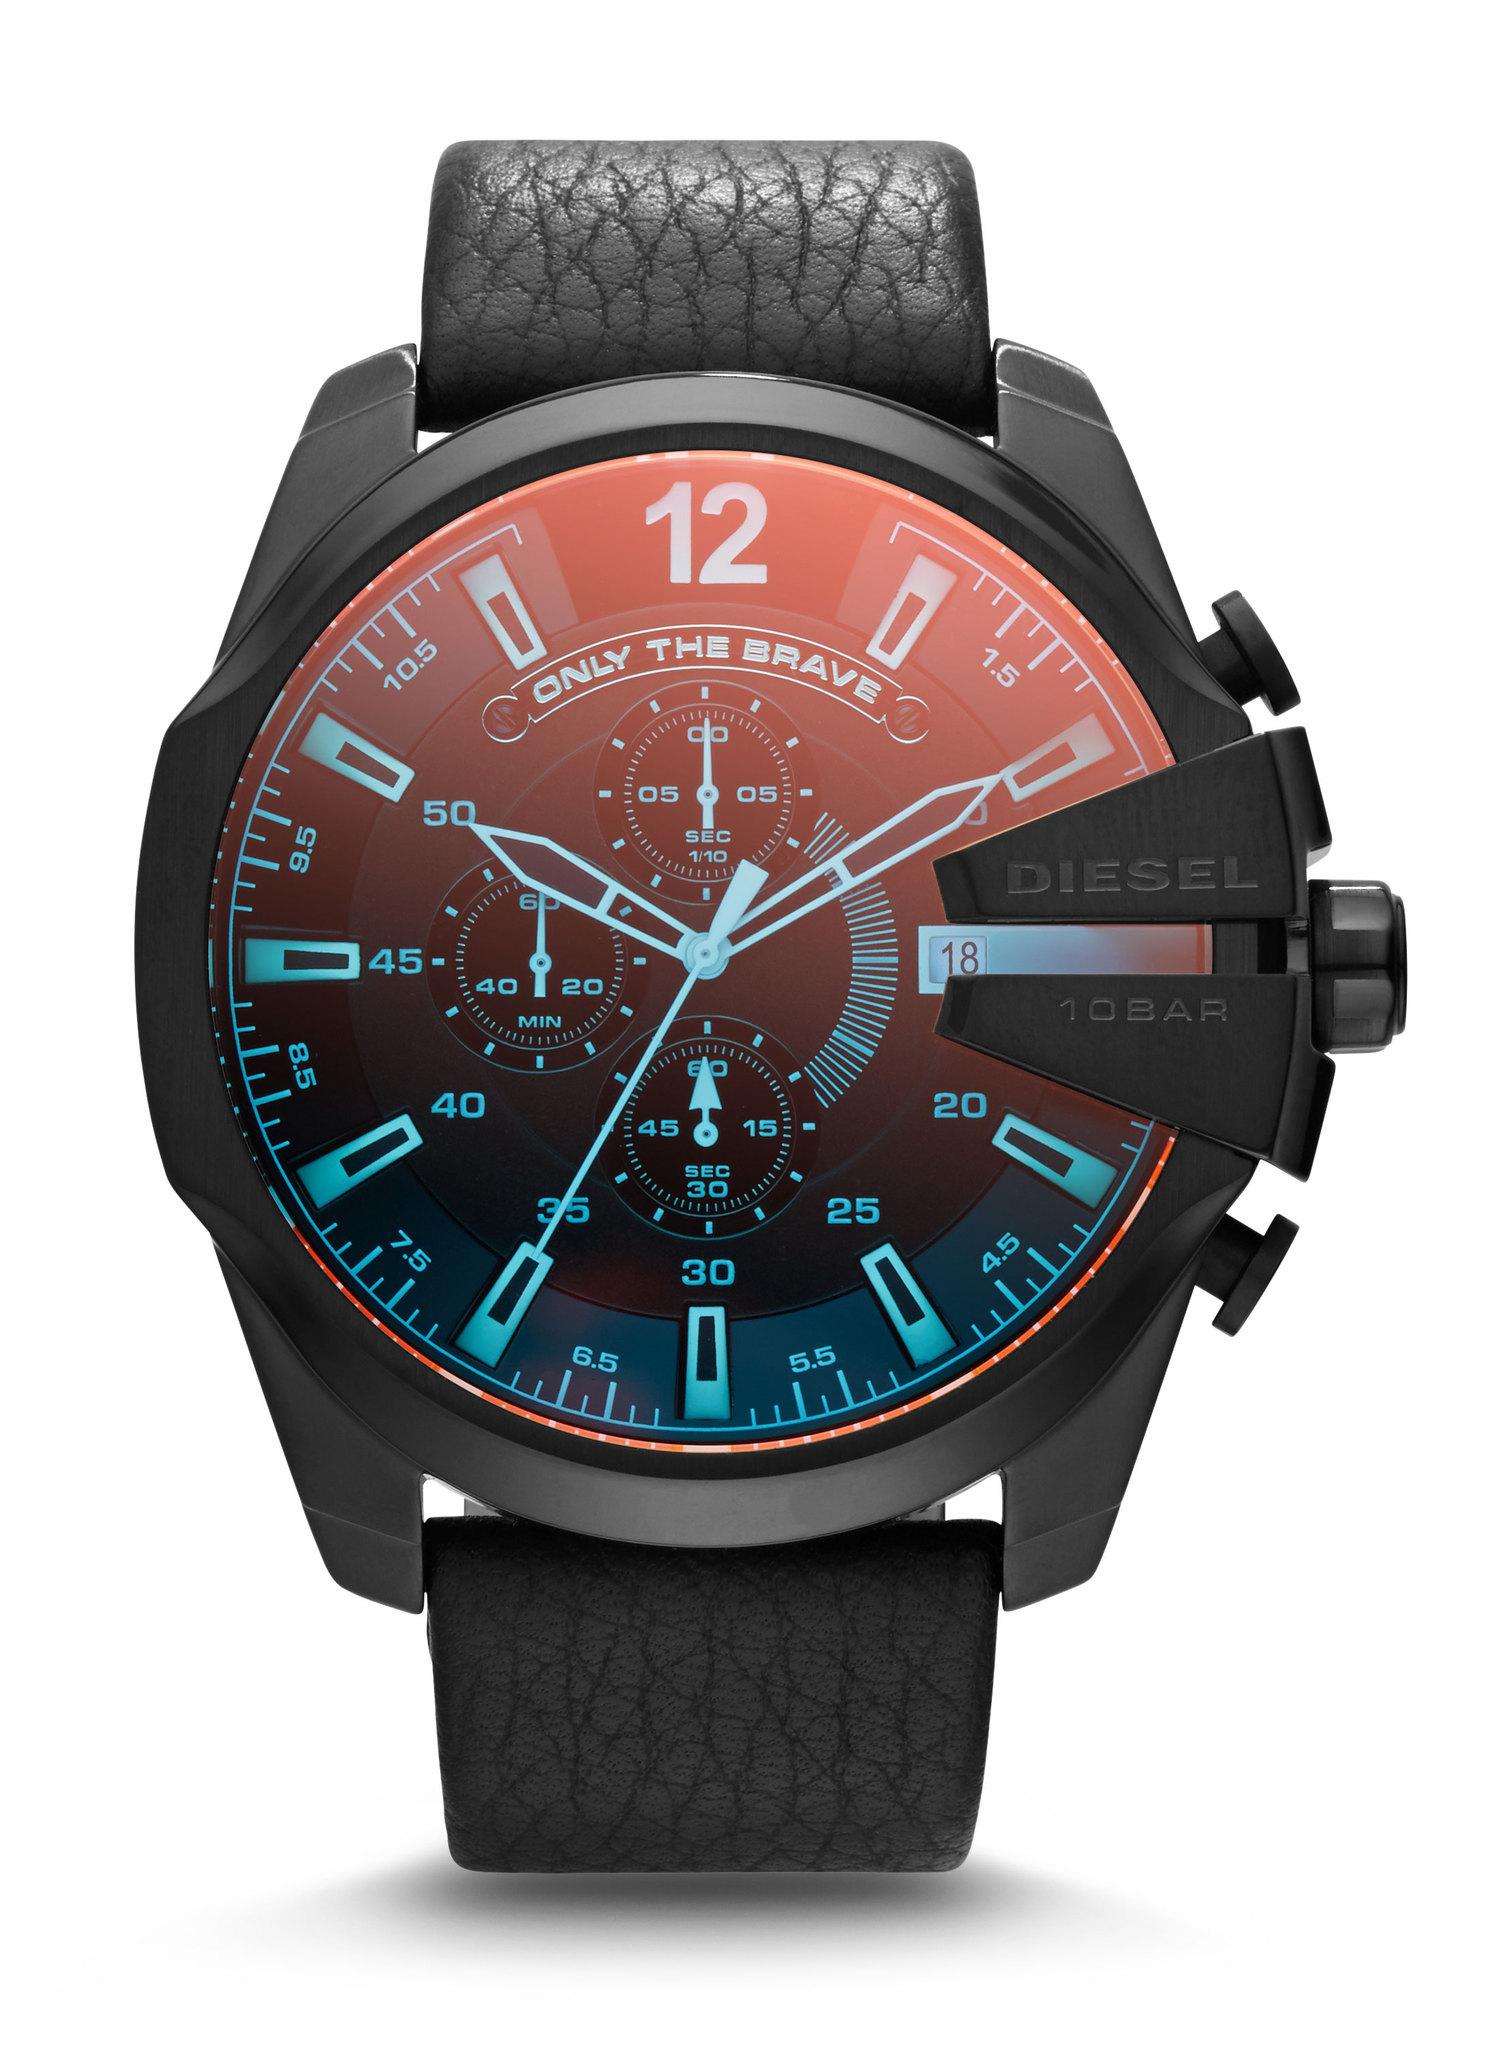 Дизель часы мужские оригинал стоимость фото характеристики